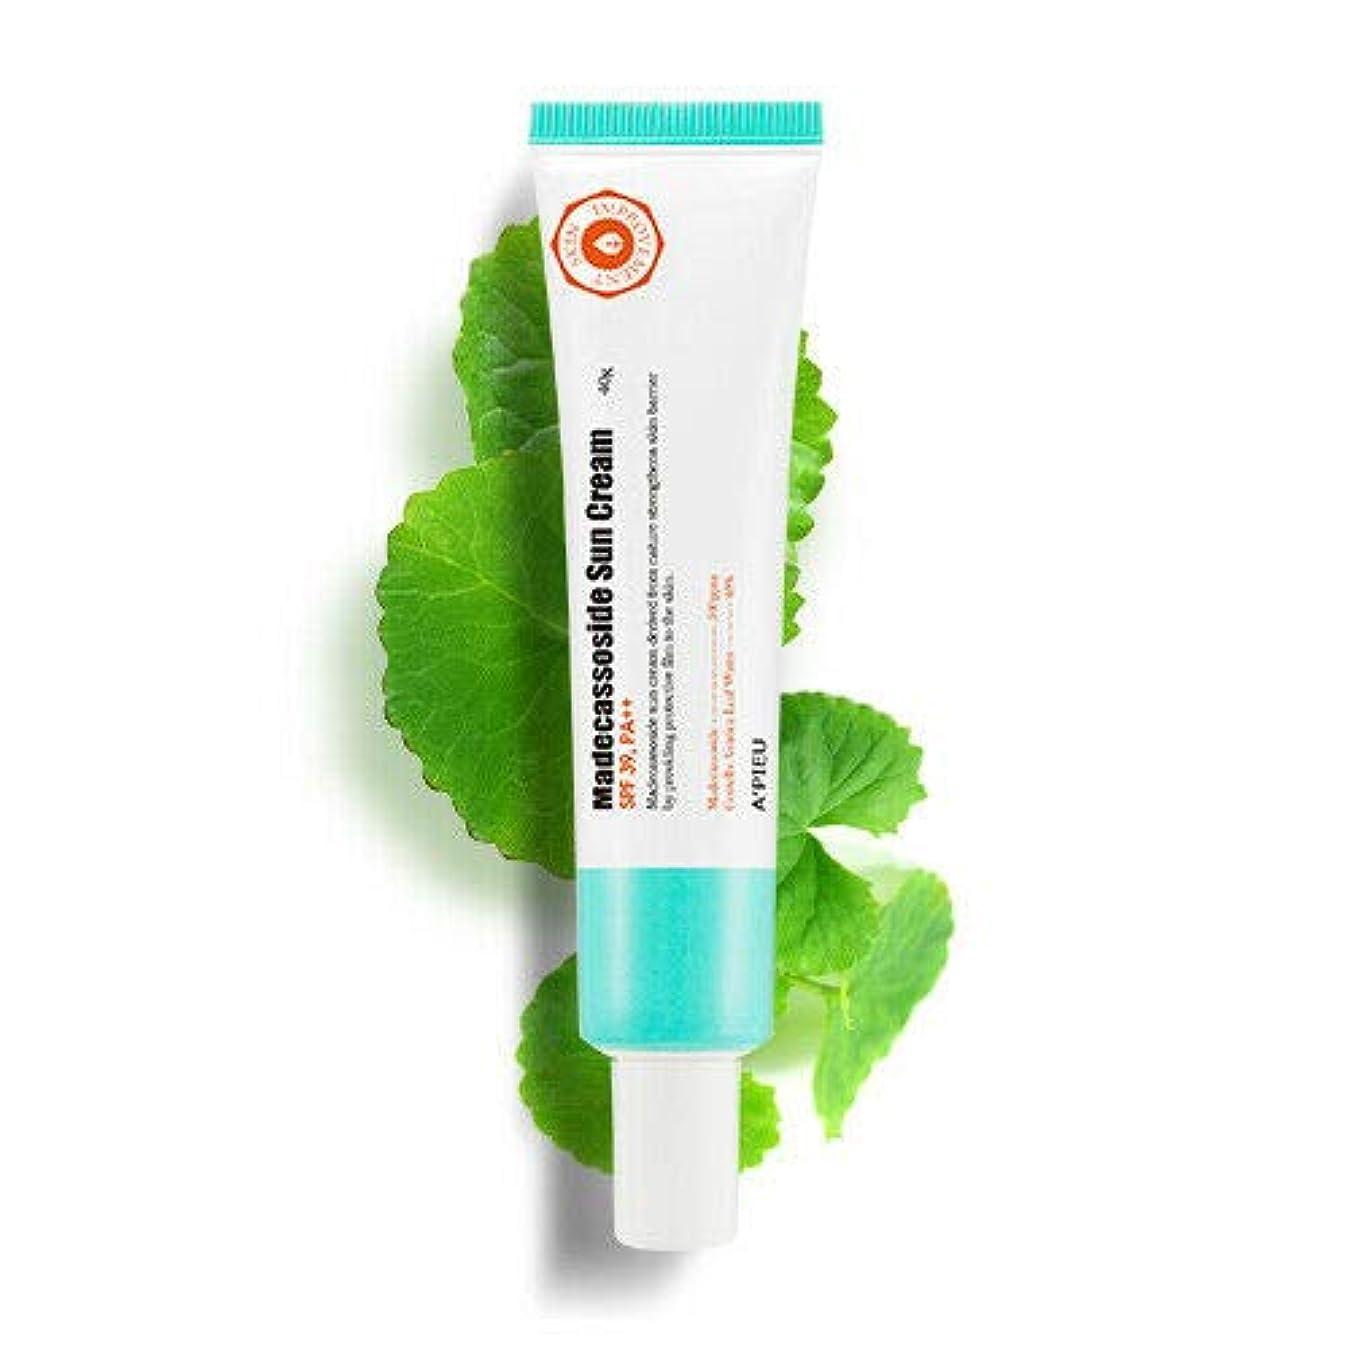 情緒的実験をする核A'PIEU オピュ マデカソサイド サン クリーム 40g,SPF39/PA++ Madecassoside Sun Cream APIEU 韓国日焼け止め